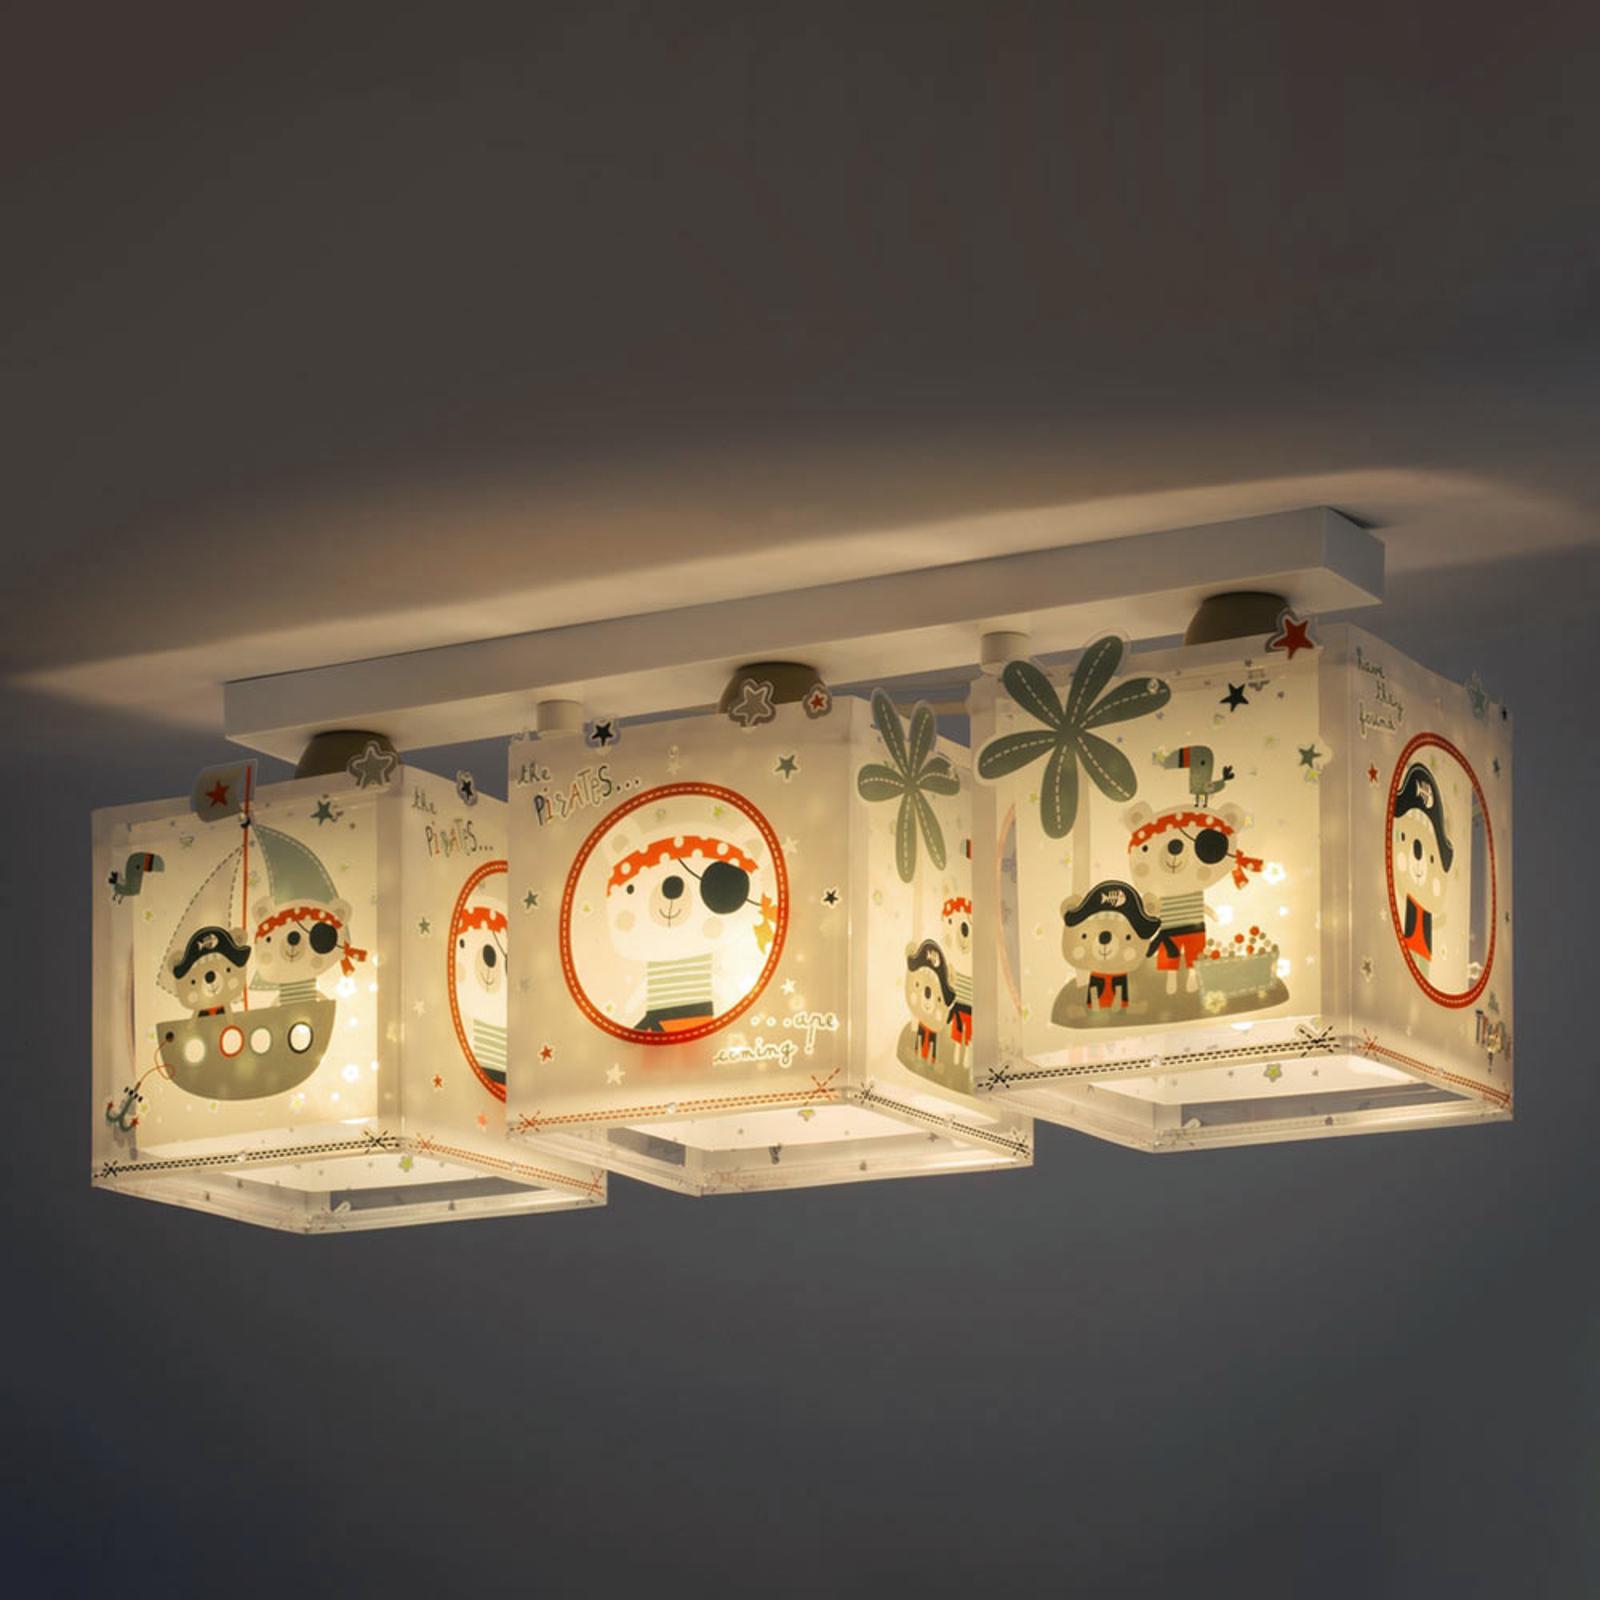 Dreiflammige Deckenlampe Pirates fürs Kinderzimmer